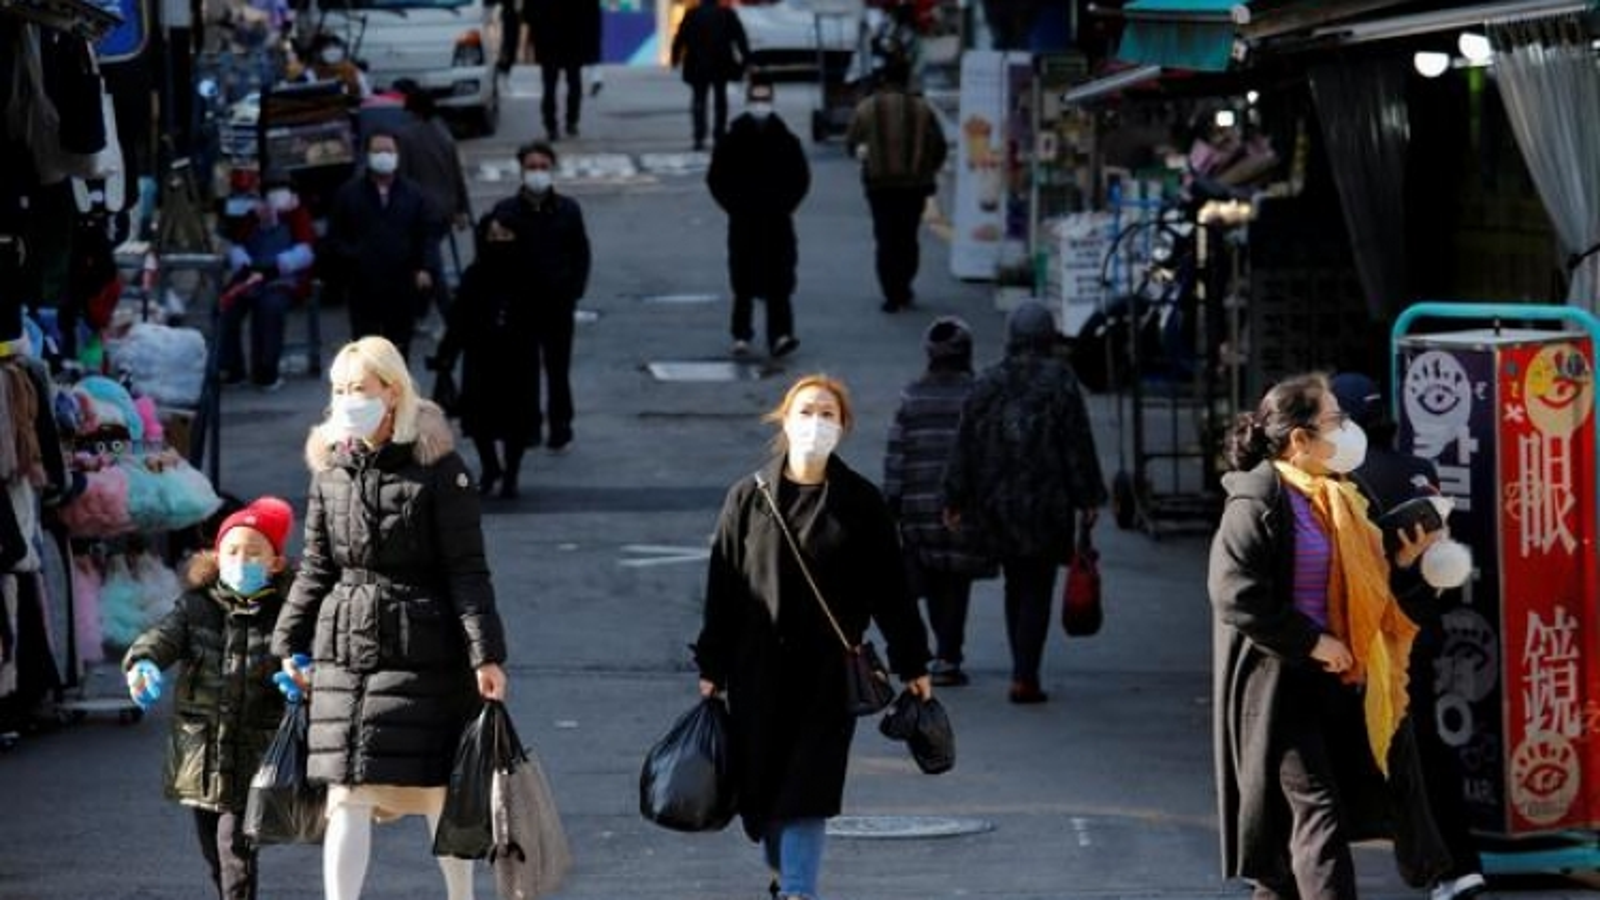 Hàn Quốc tính nâng giãn cách xã hội lên mức cao nhất nhằm đối phó Covid-19